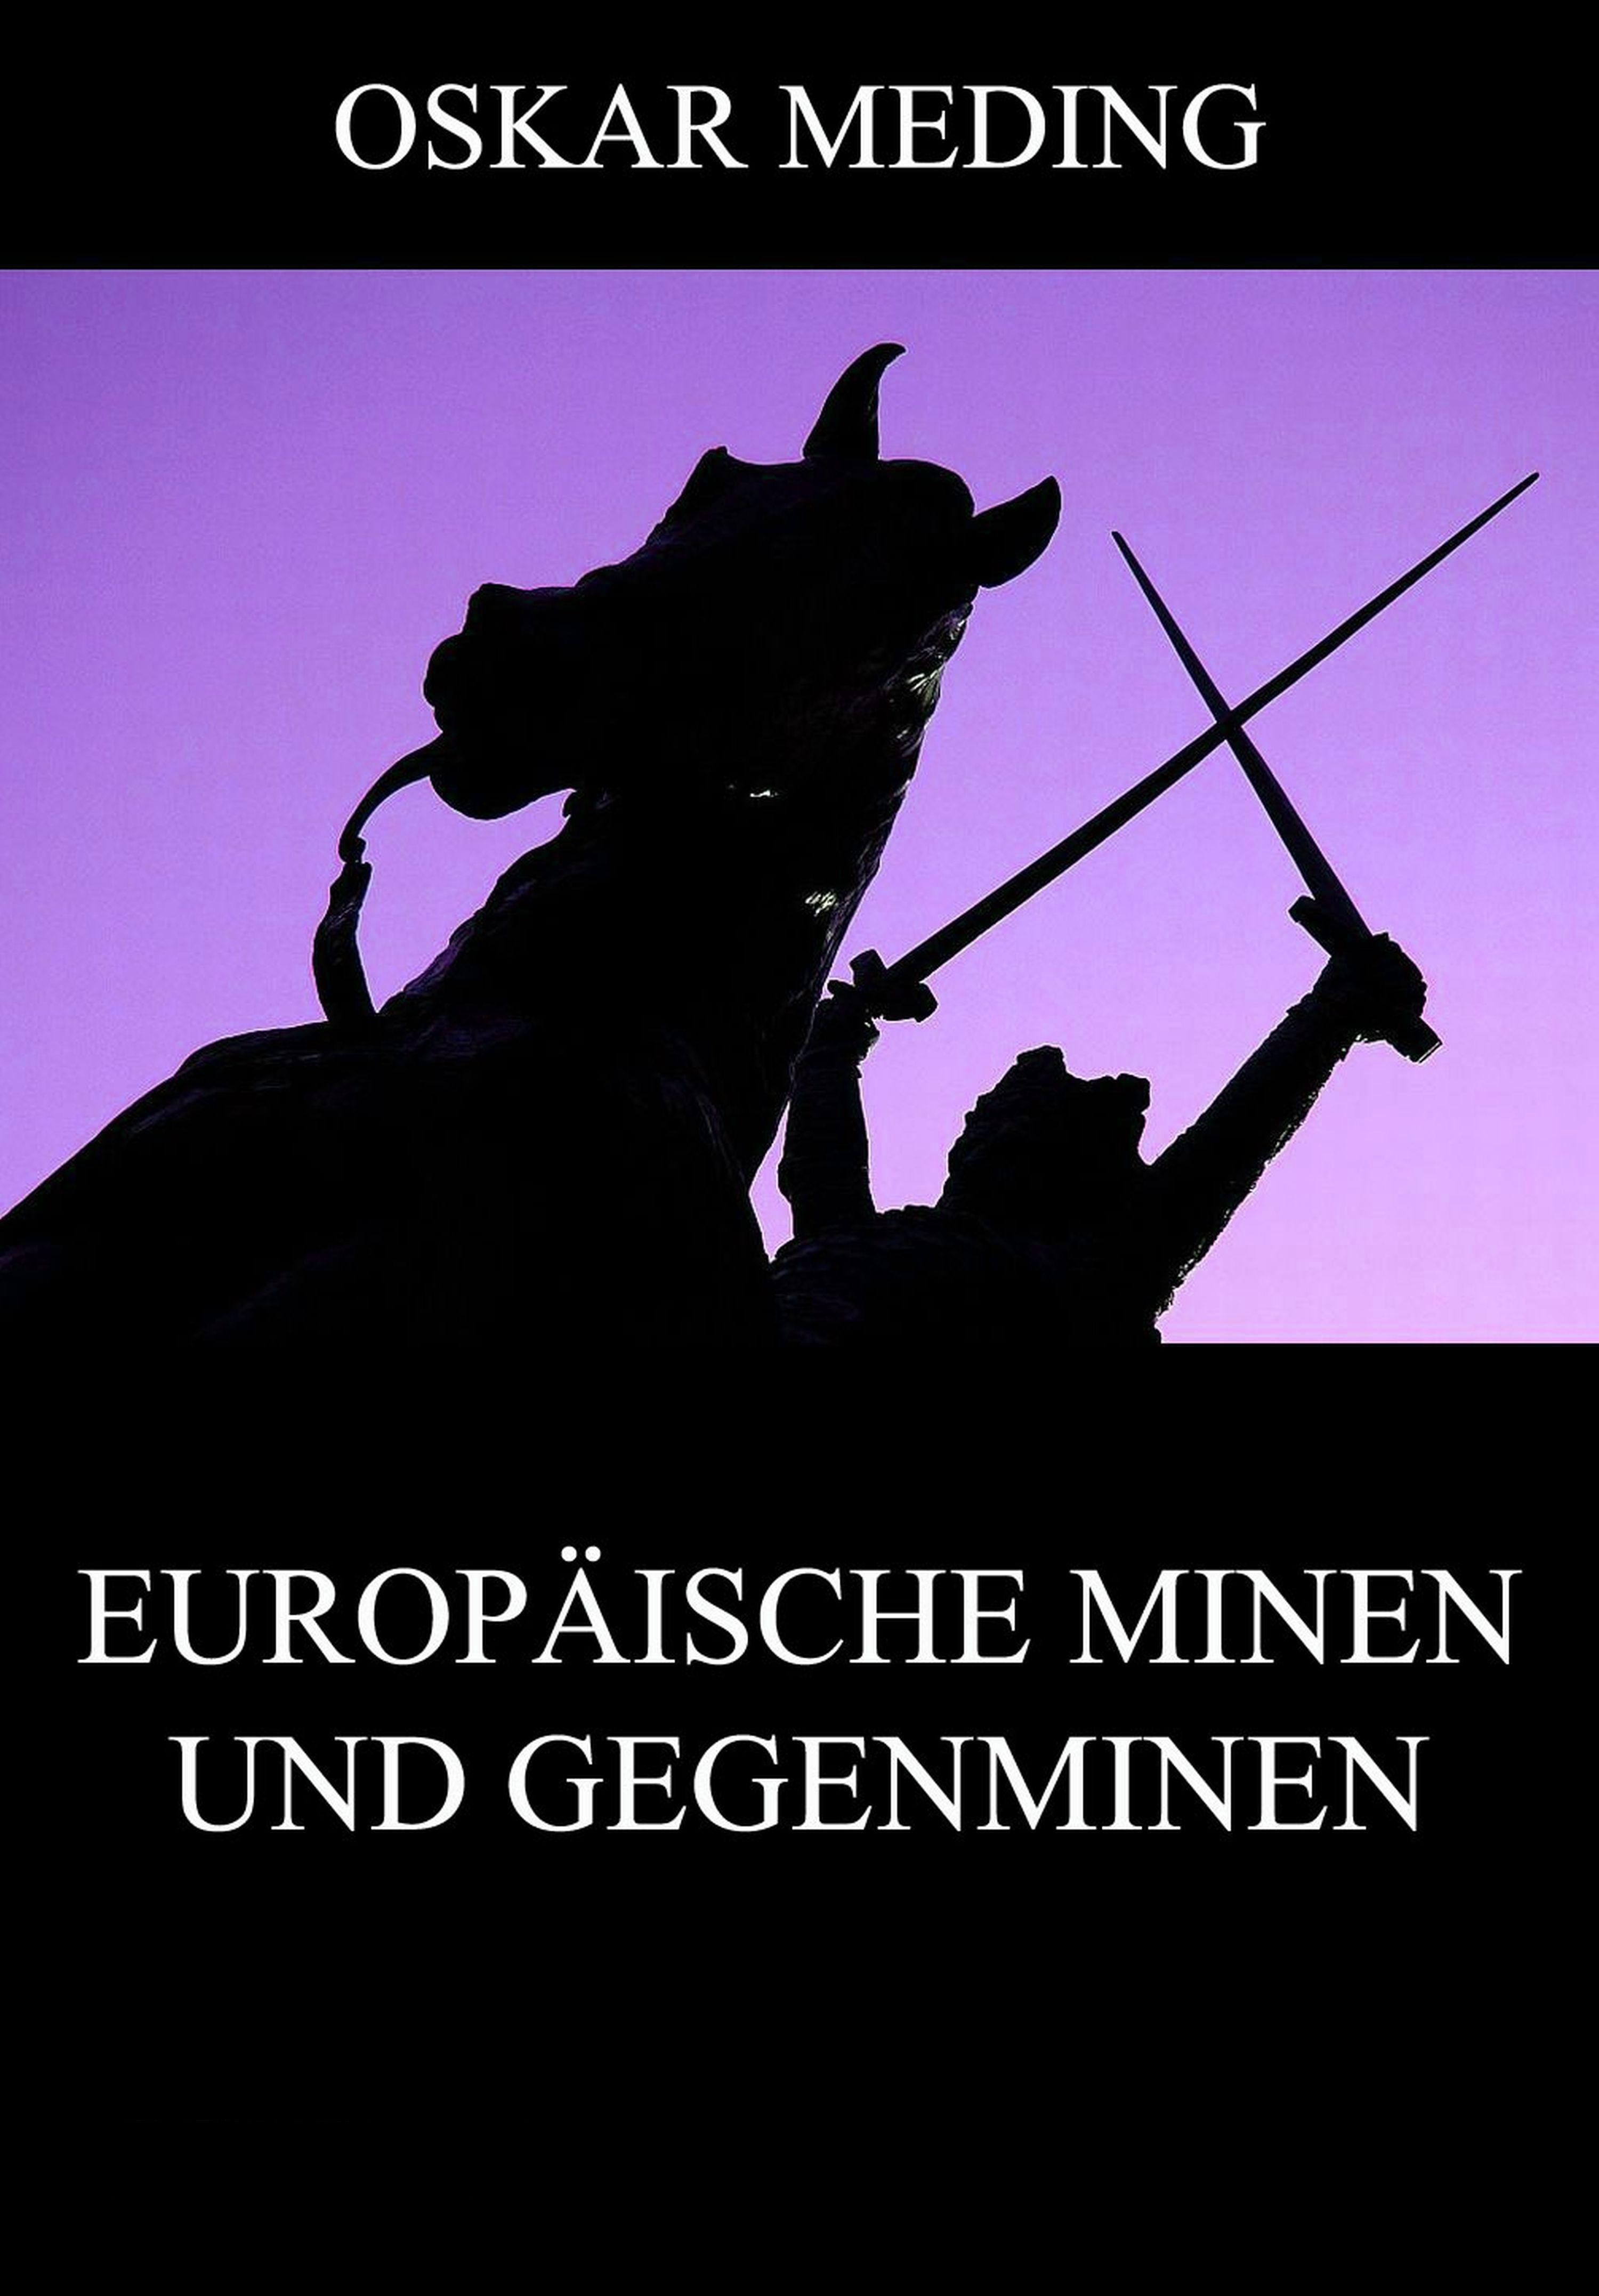 Europäische Minen und Gegenminen ( Oskar  Meding  )